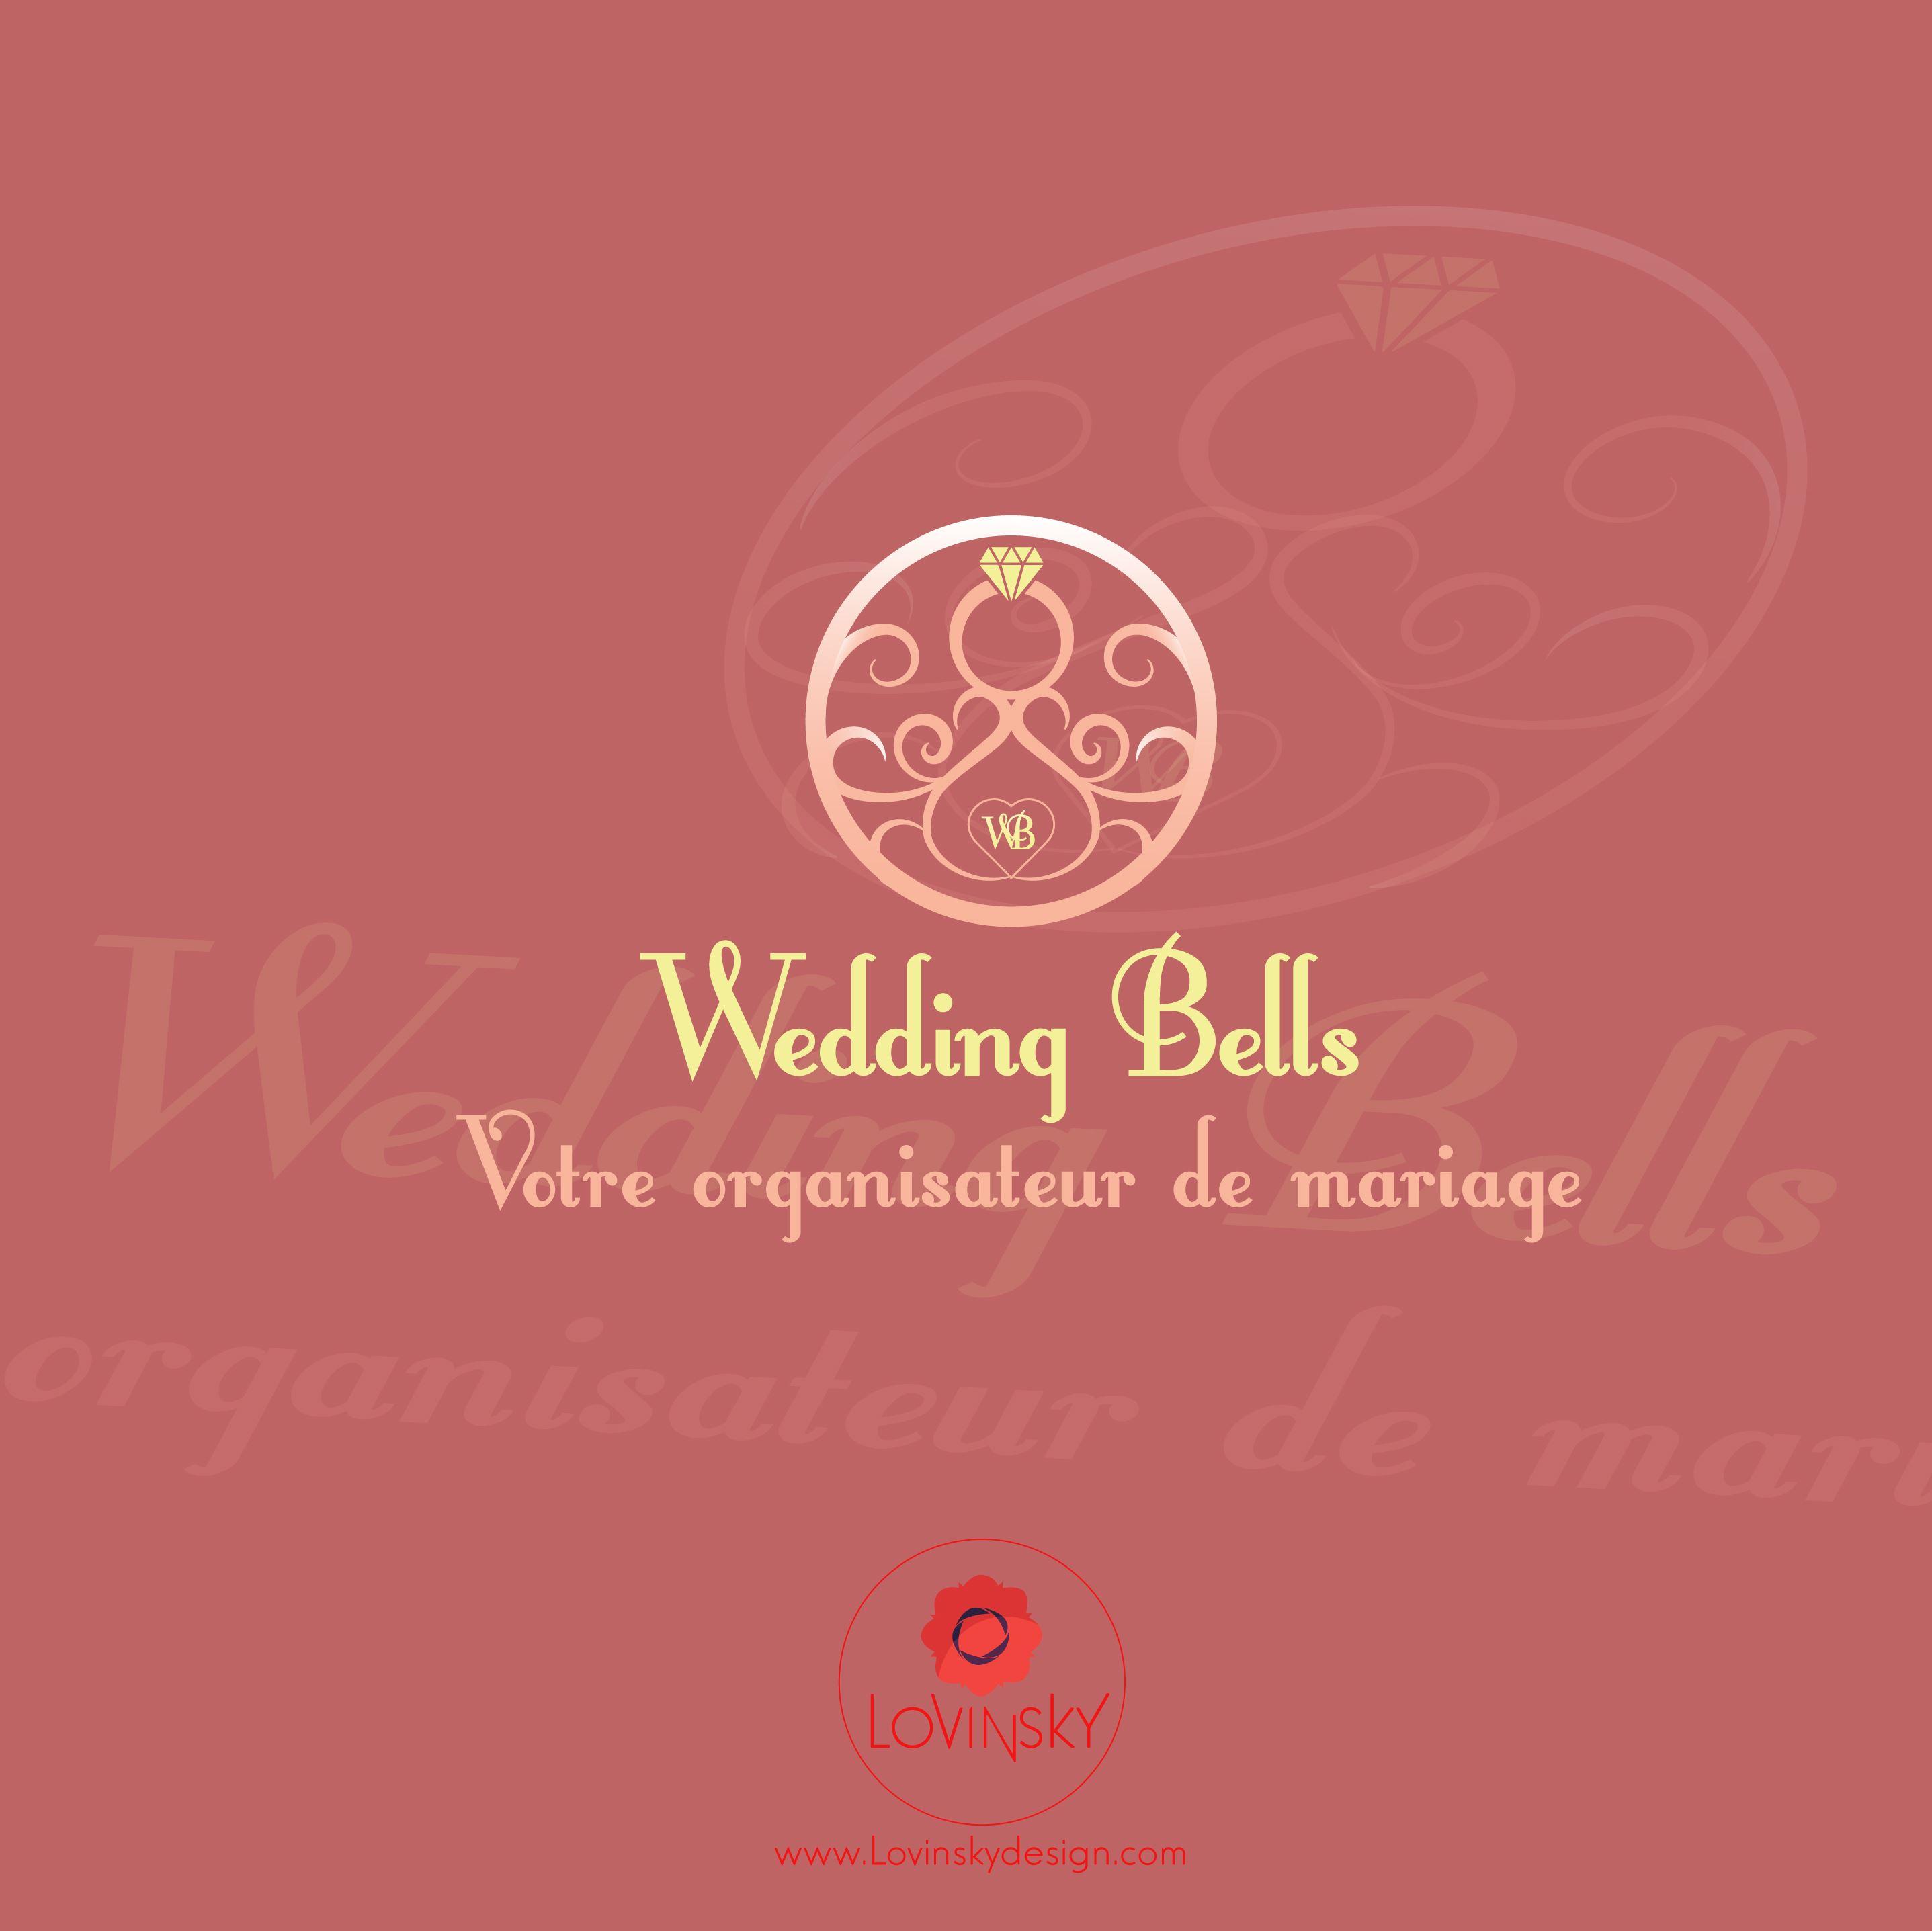 wedding-bells logo lovinsky graphiste webdesigner freelance nantes 44